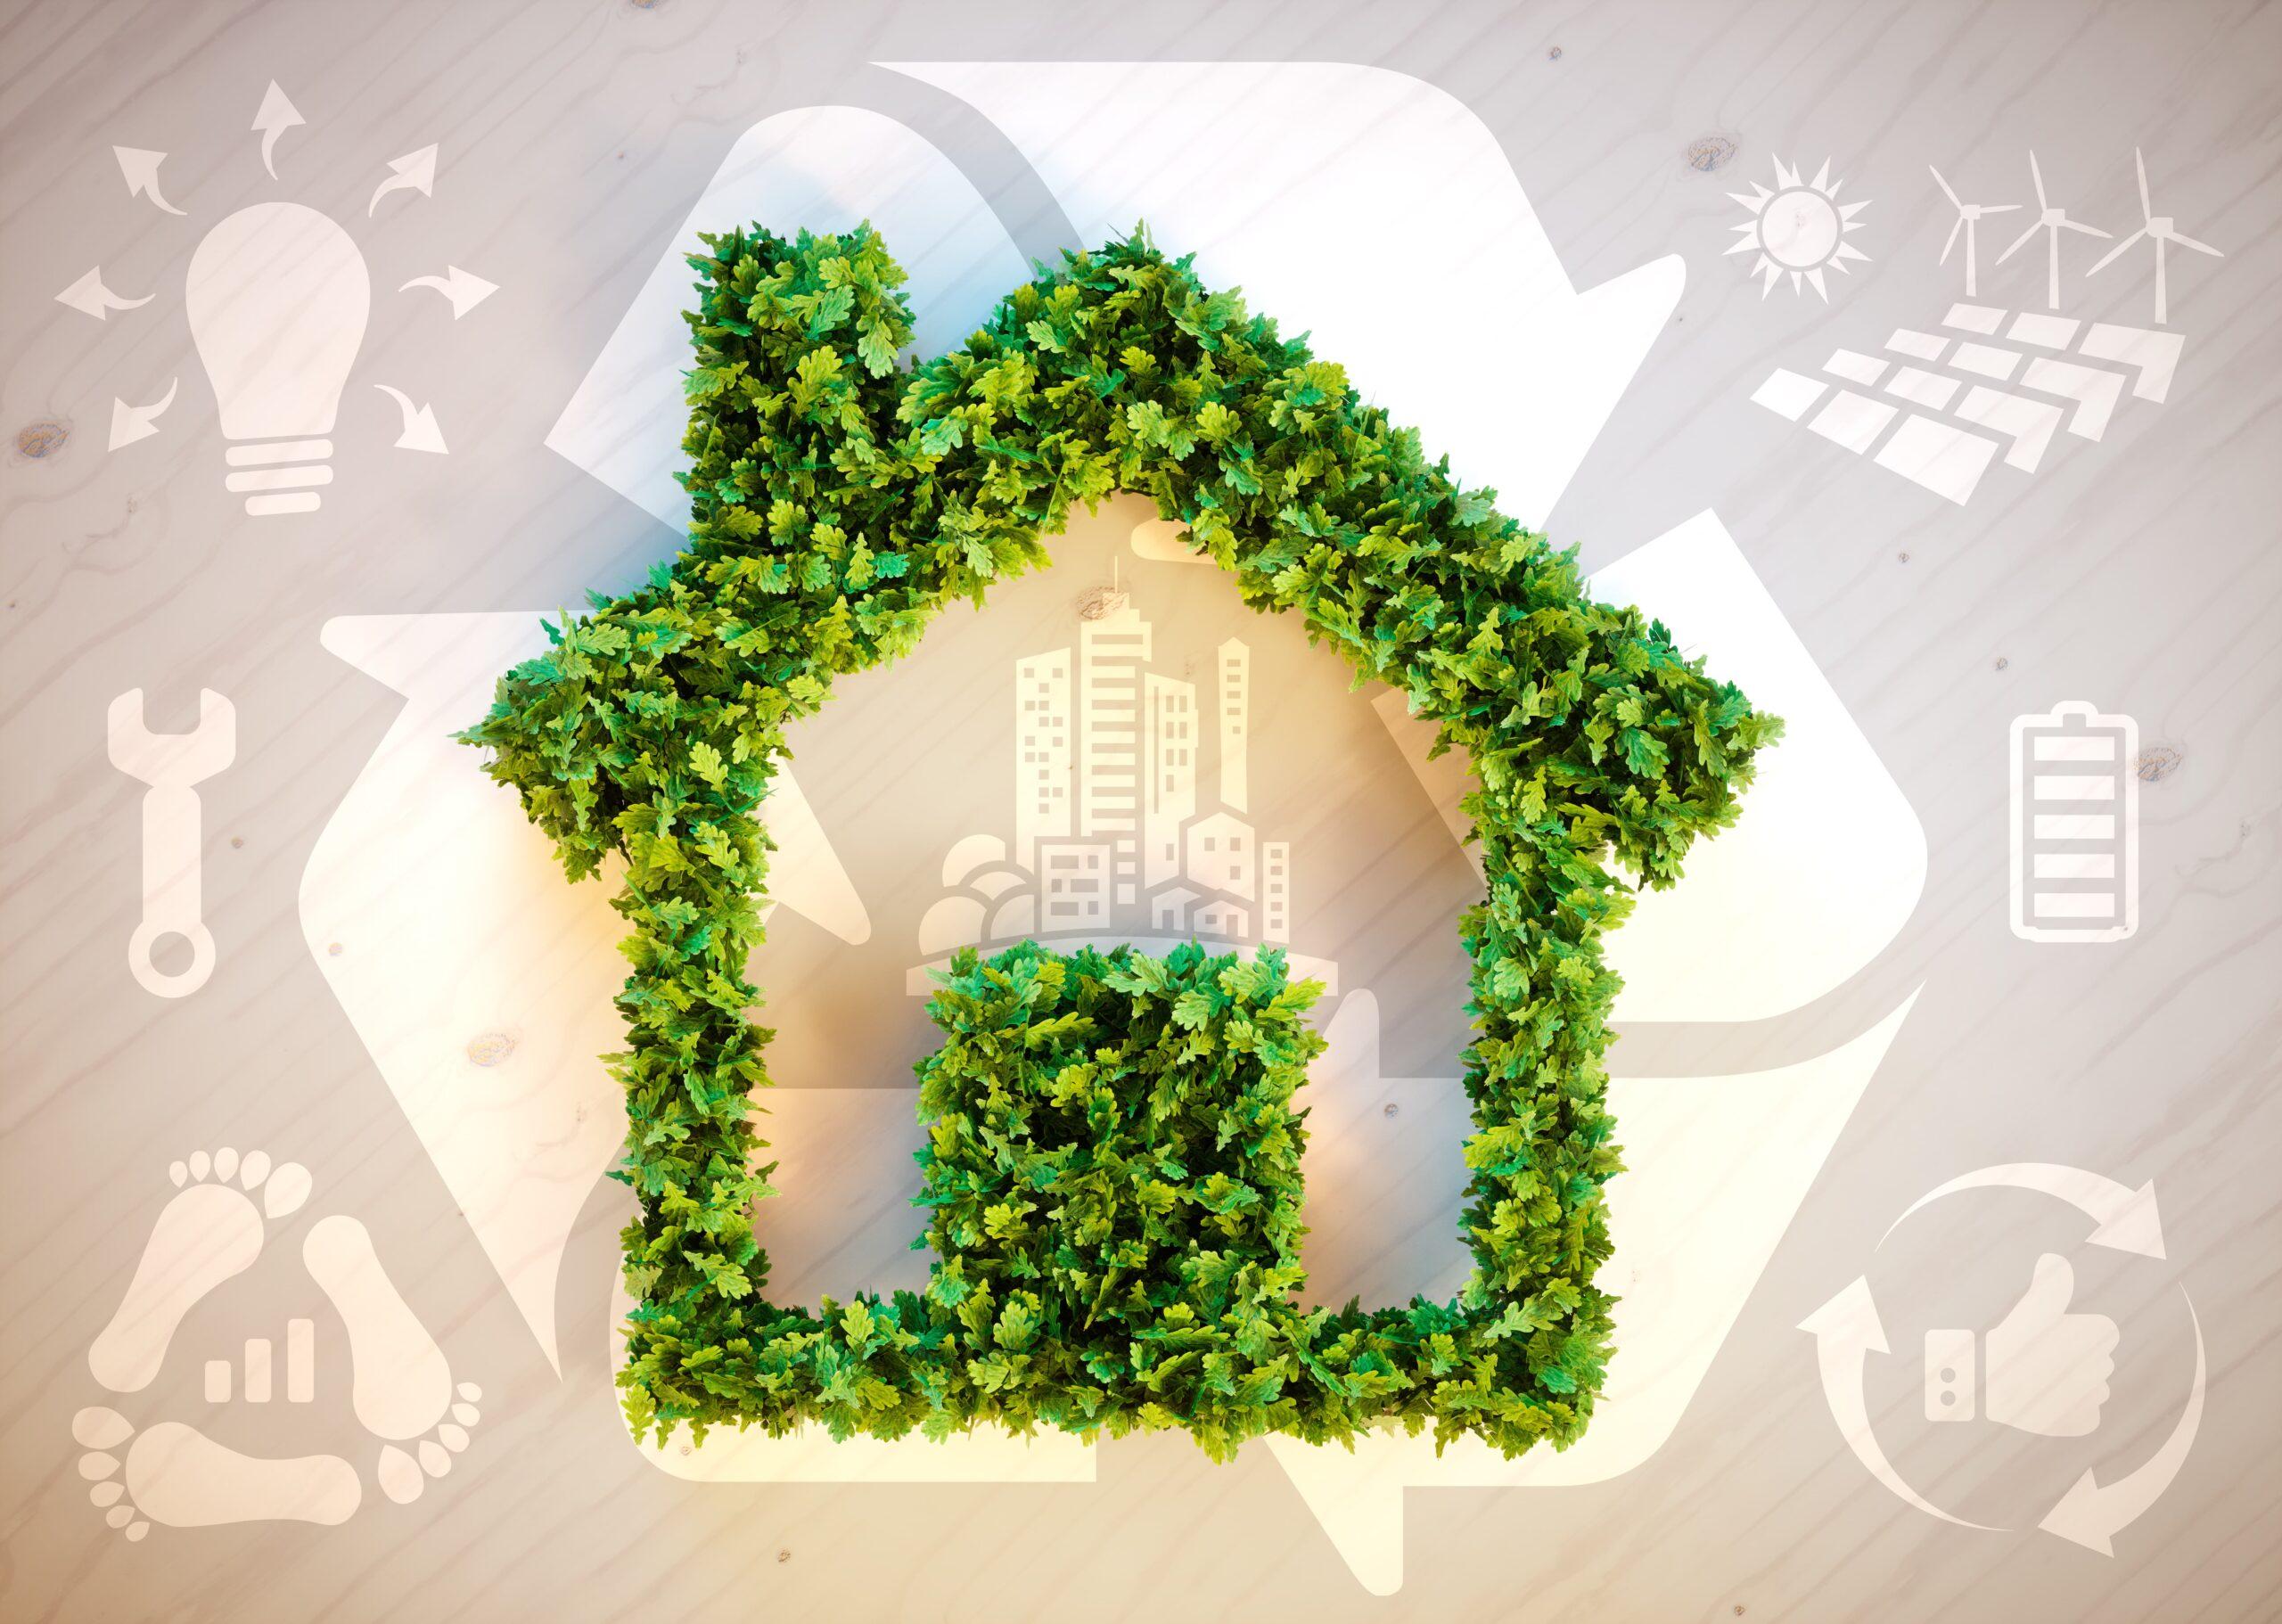 Nos 4 bonnes raisons d'économiser de l'énergie